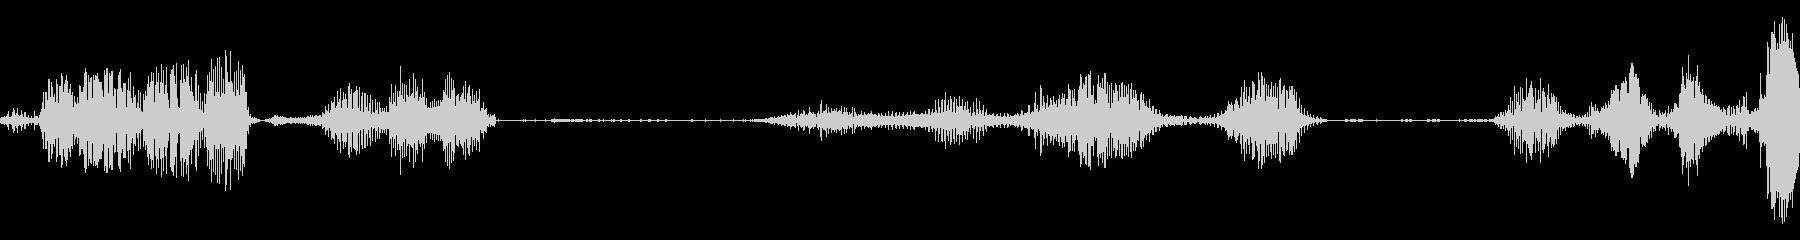 エイリアンの声が逆転、高速の未再生の波形